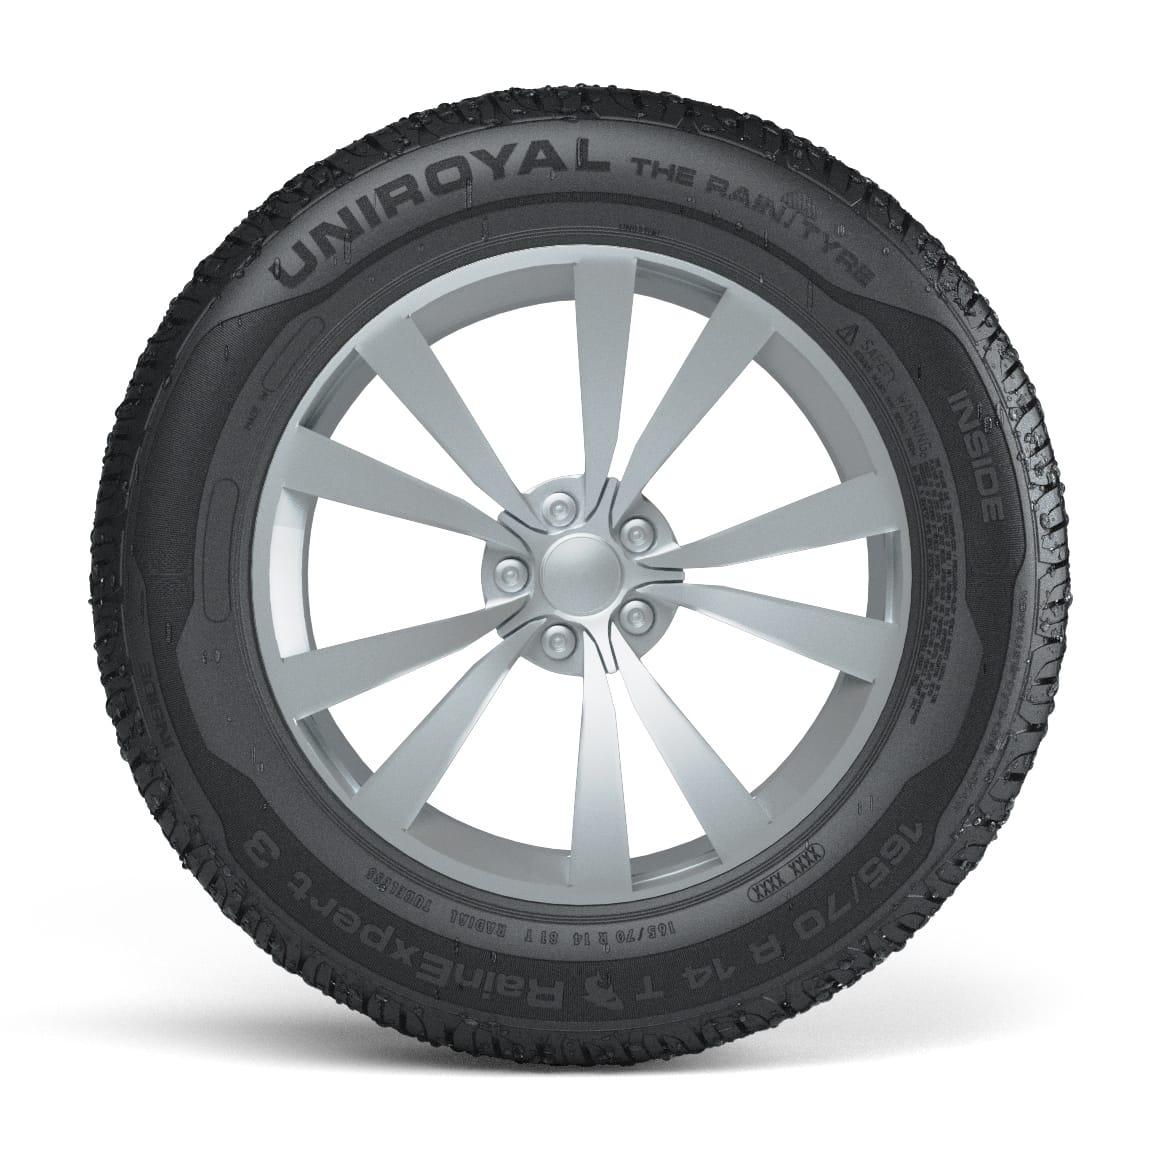 uniroyal rainexpert 3 un pneu d 39 t pour routes humides. Black Bedroom Furniture Sets. Home Design Ideas